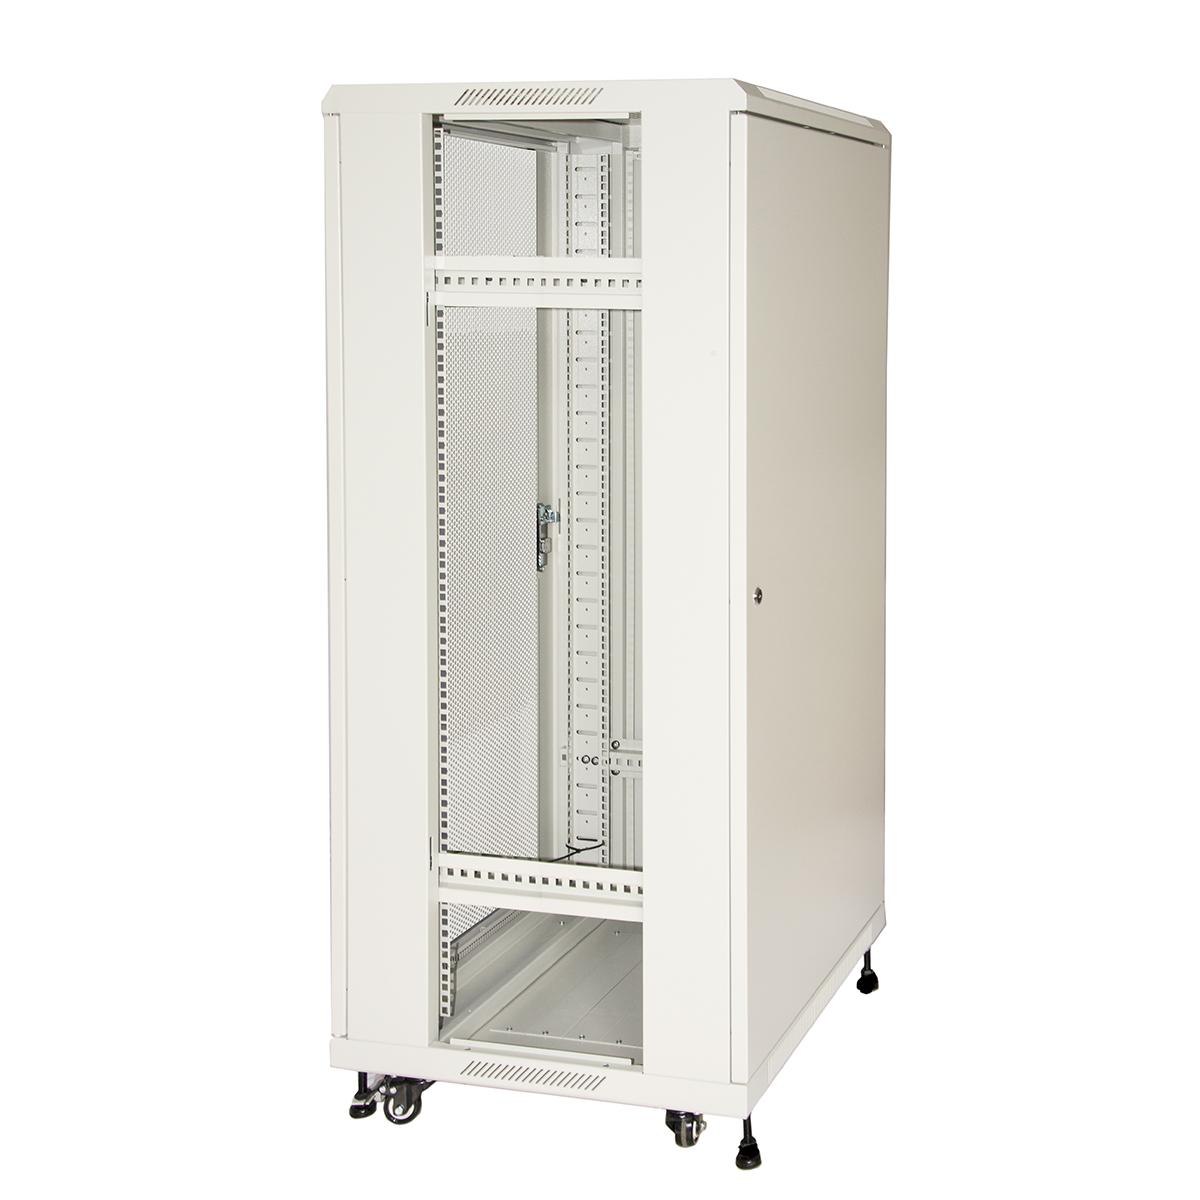 Armadio rack 19″ 27u (a)1388 (l)600 (p)600 colore grigio porta metallo traforata